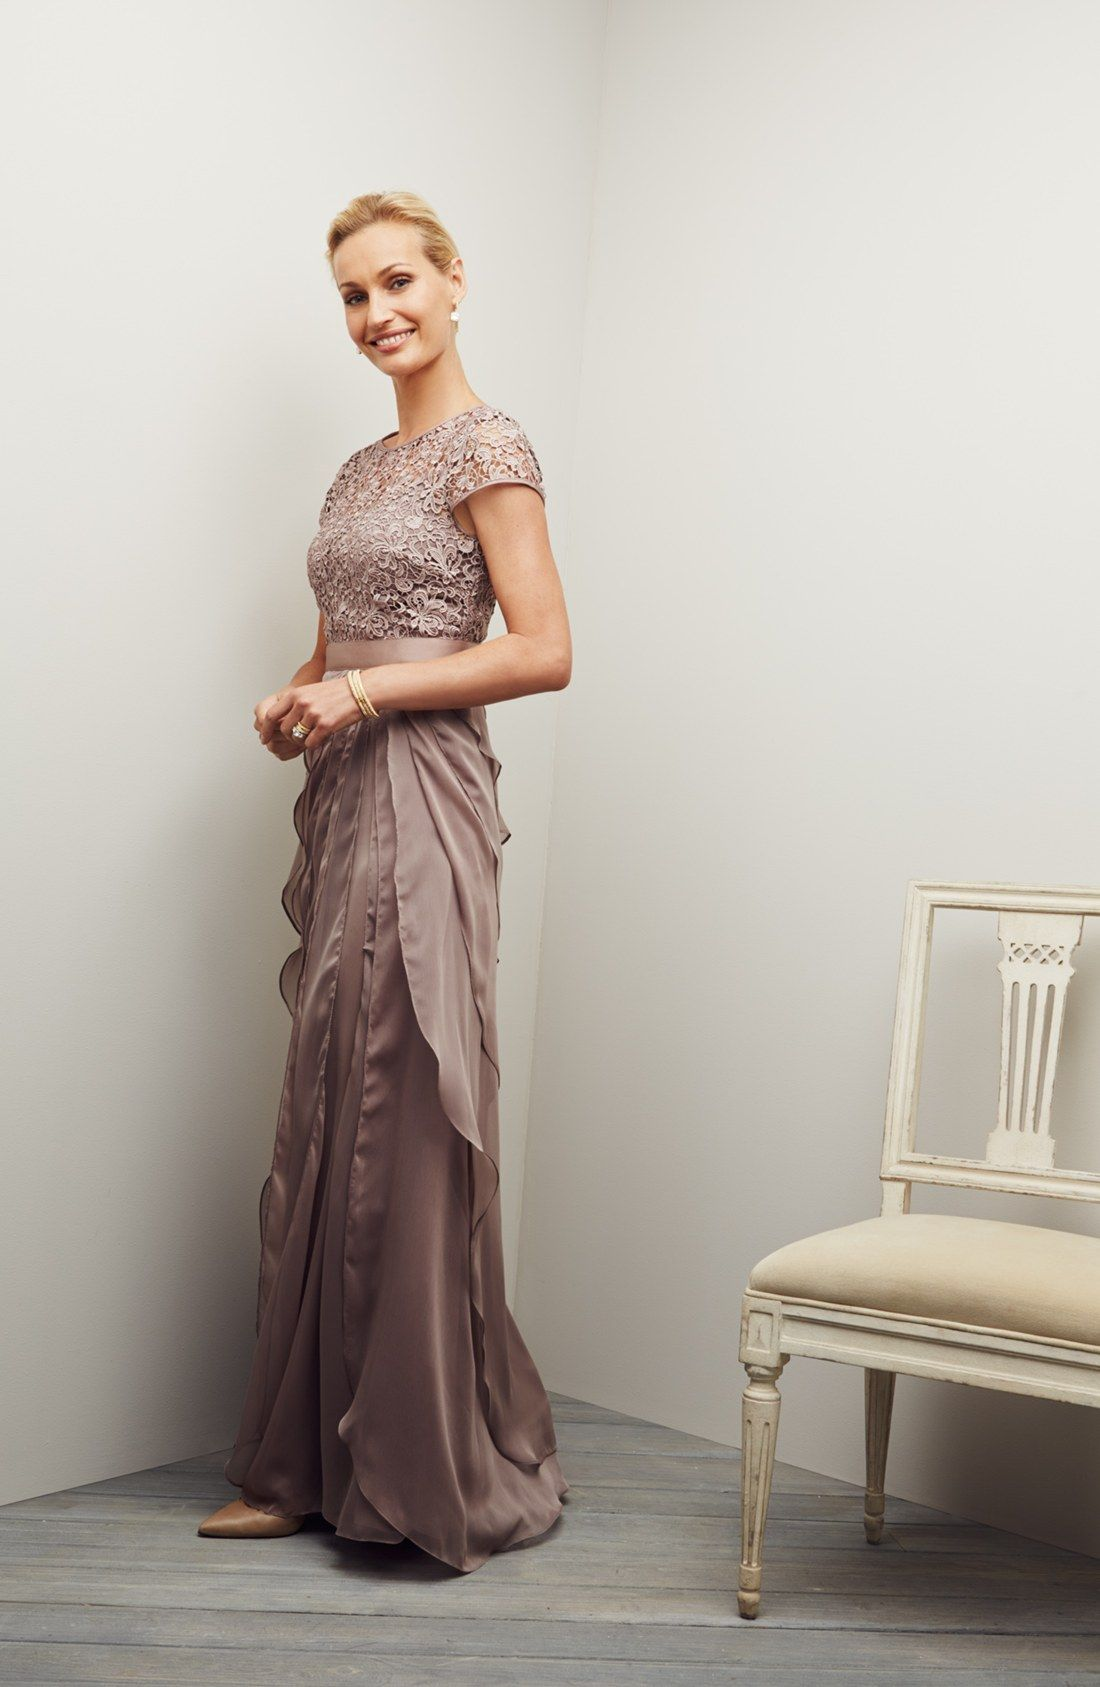 Nordstrom Mother of the Bride Elegant